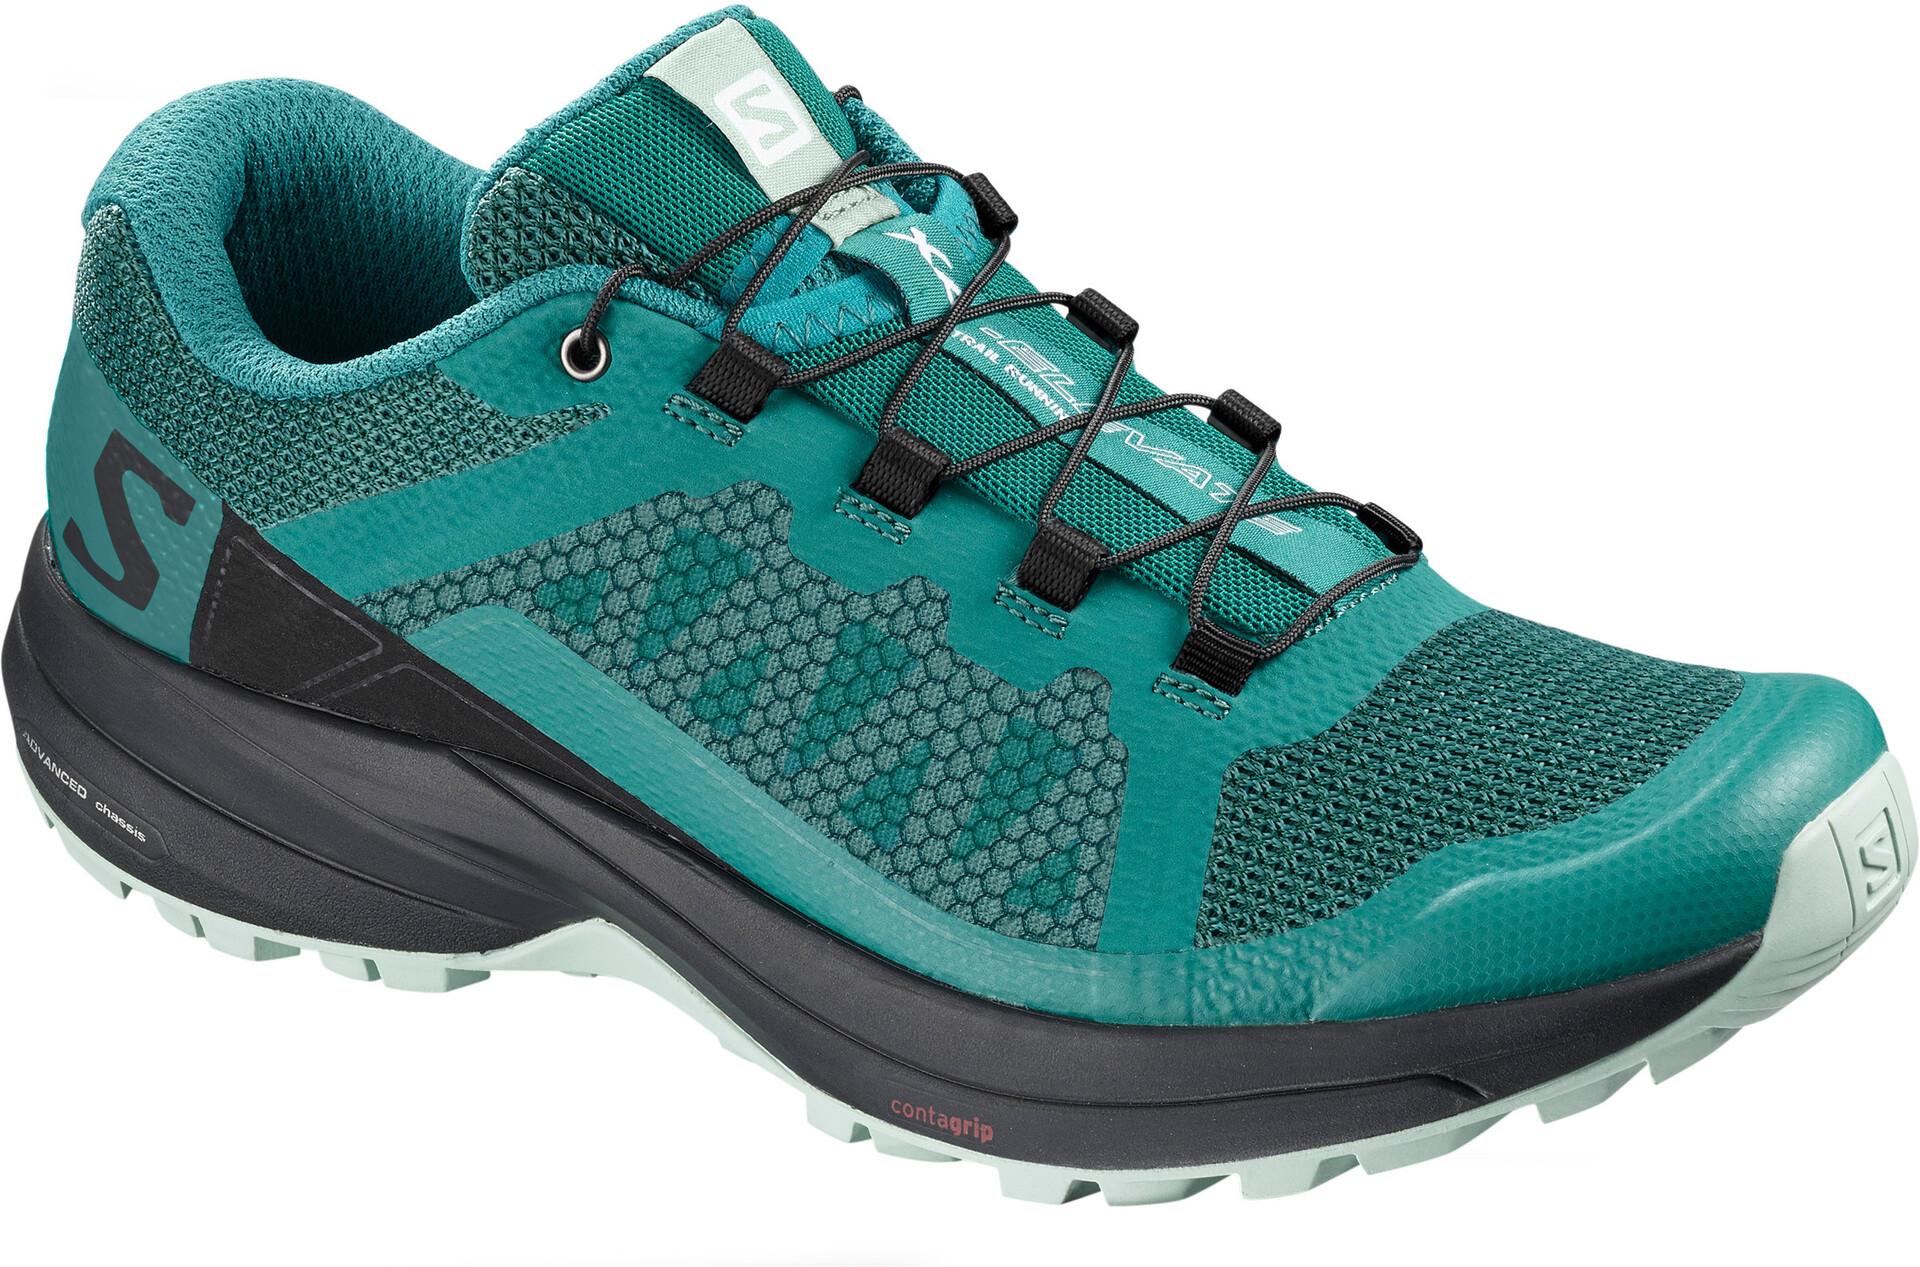 Salomon XA Elevate Shoes Women Deep LakeBlackEggshell Blue